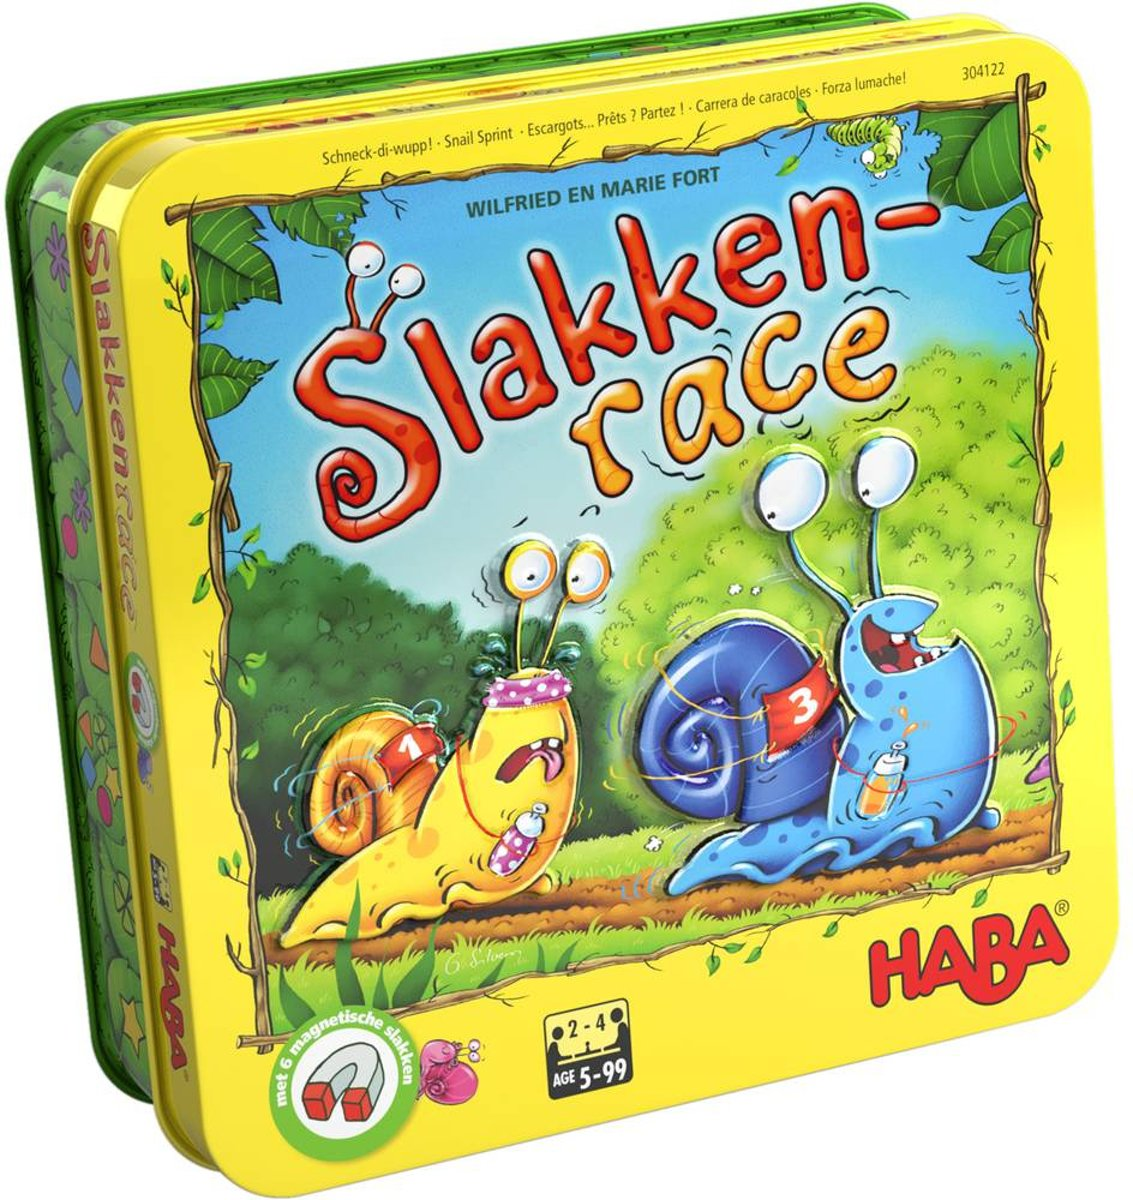 Haba - Spel - Slakkenrace - 5+